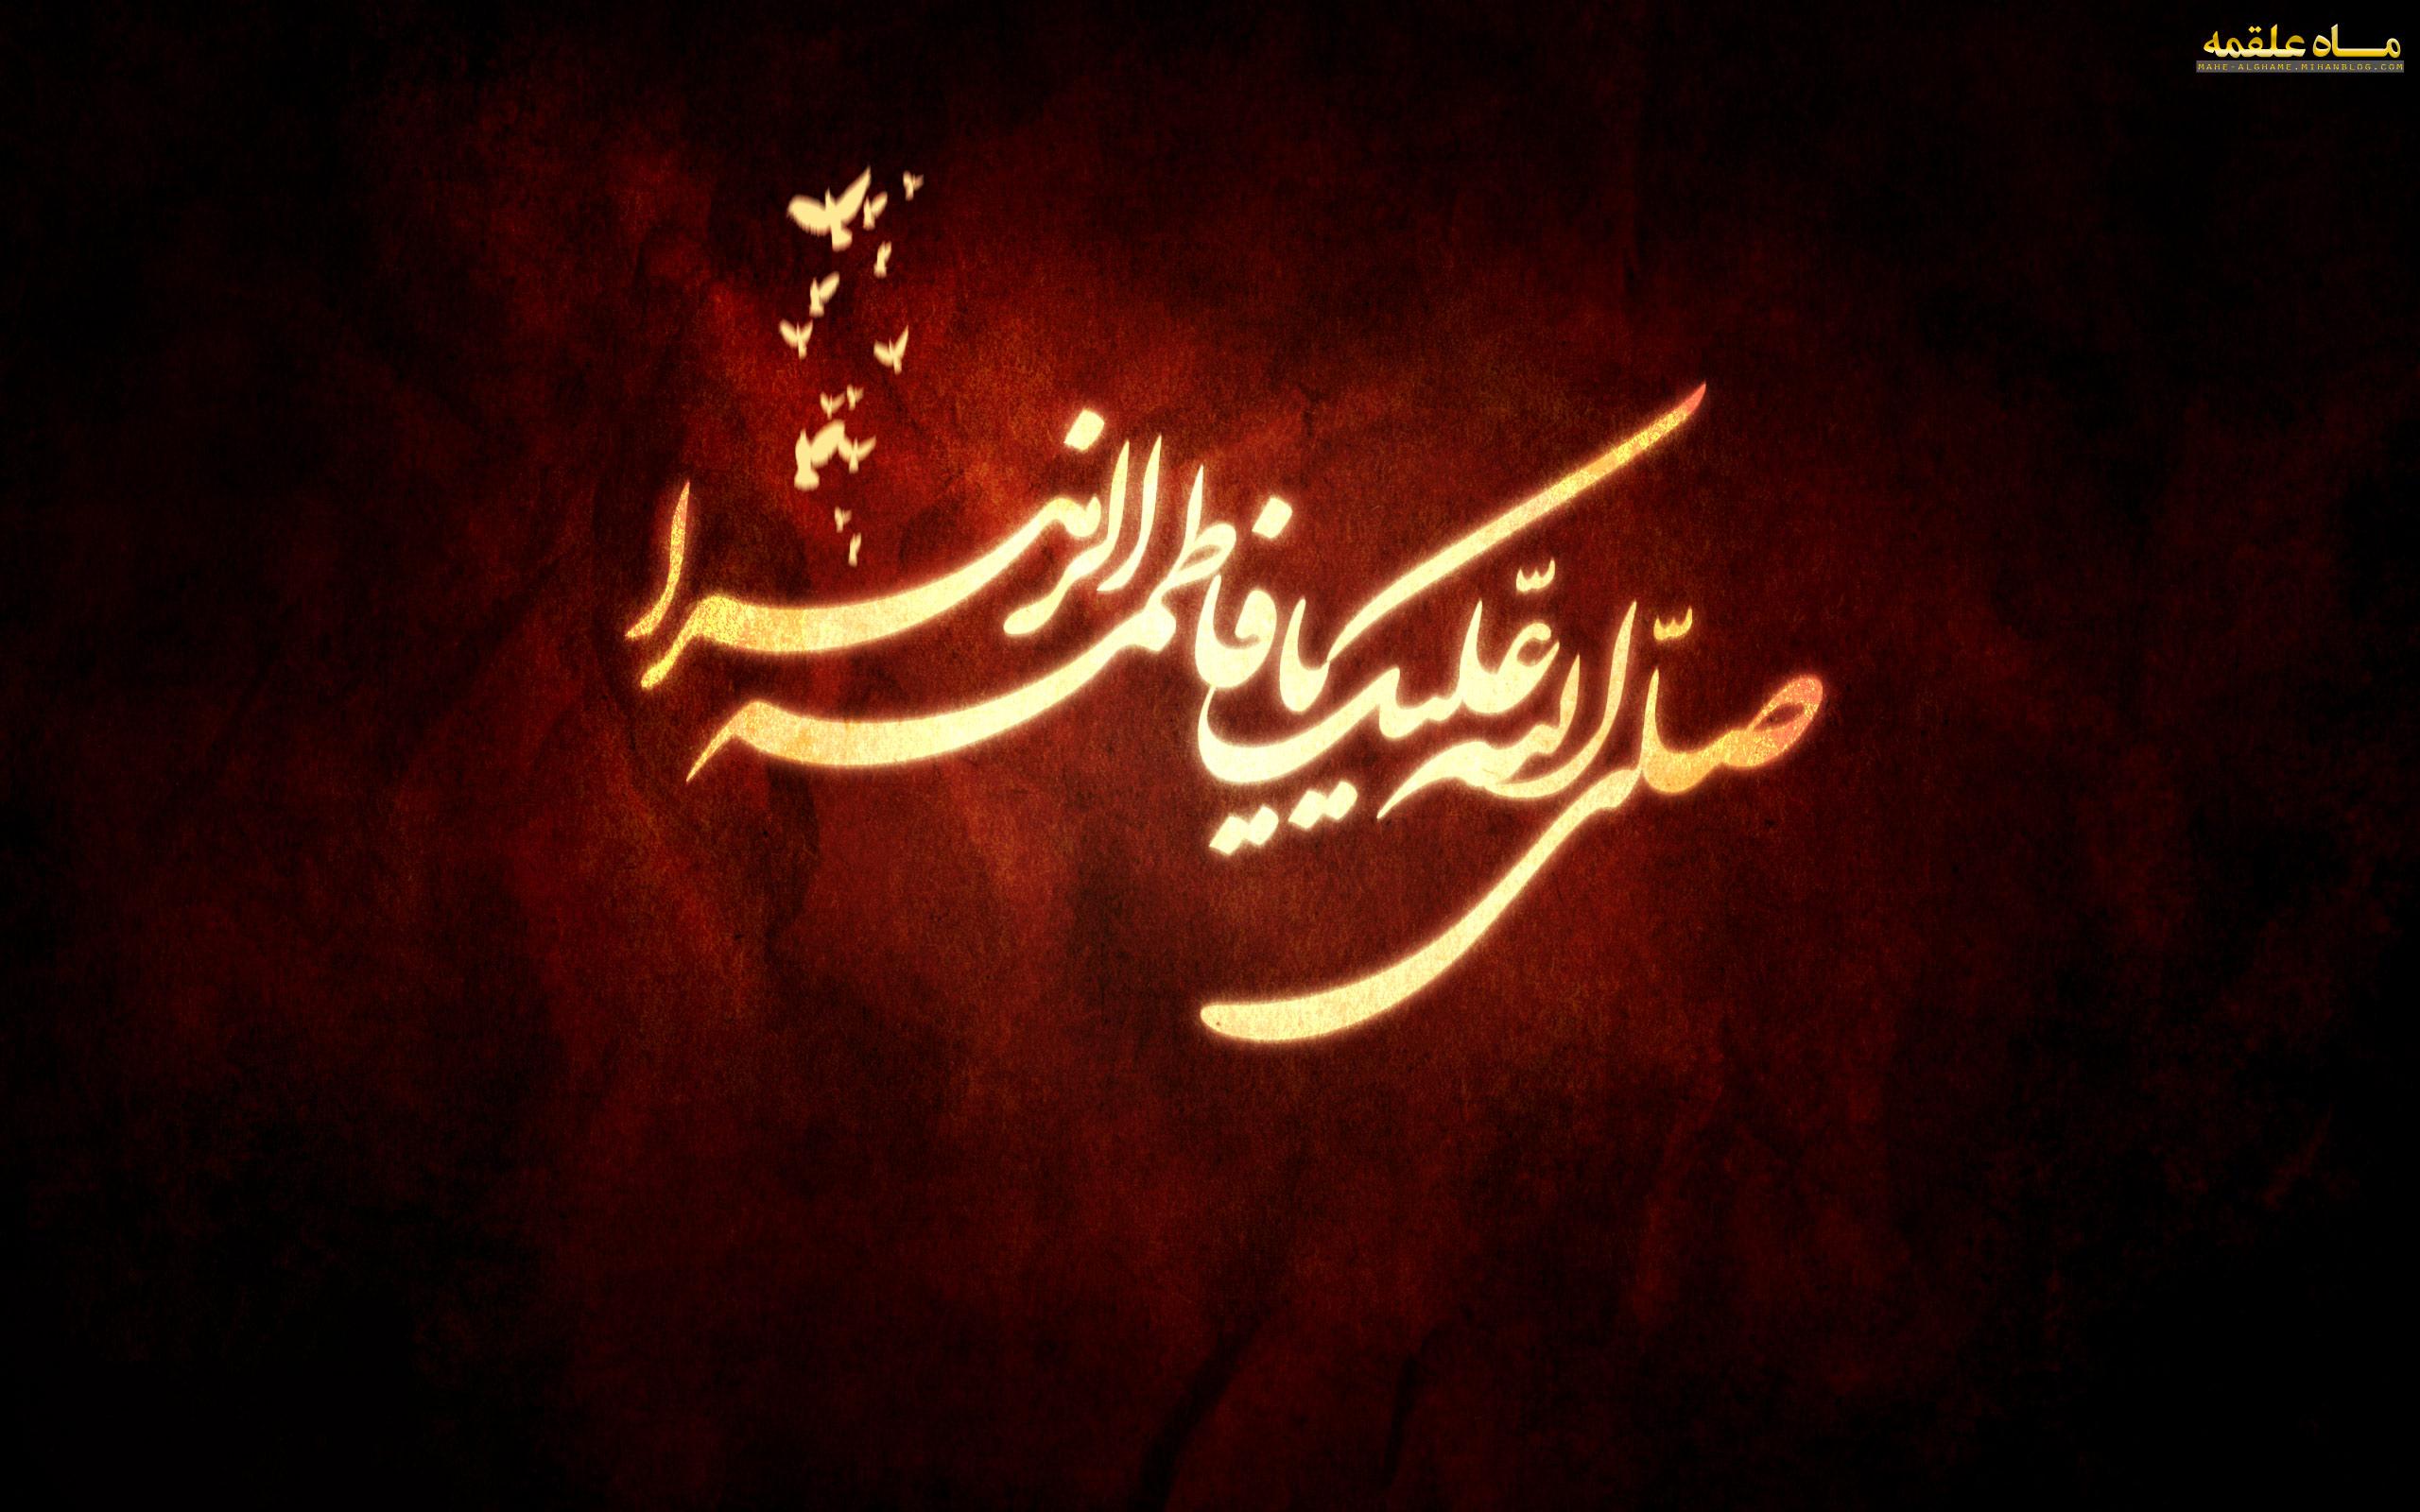 محورهای اساسی مبارزات سیاسی حضرت زهرا علیها السلام